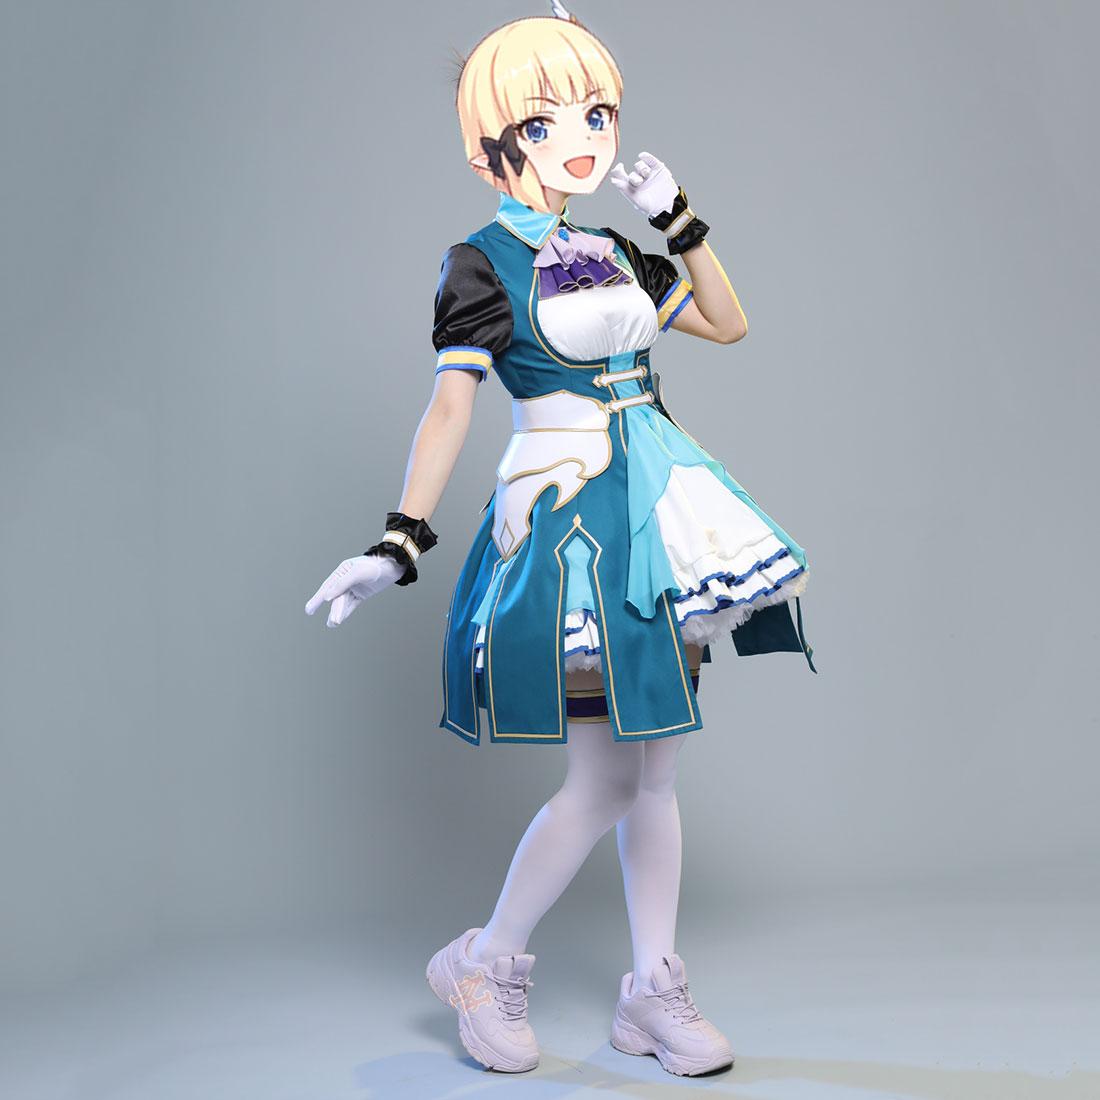 La Princesa conectar a buceo Saren Sasaki vestido de caballero uniforme encantador Anime Cosplay disfraces para niños juguetes educativos-XL L M S XS